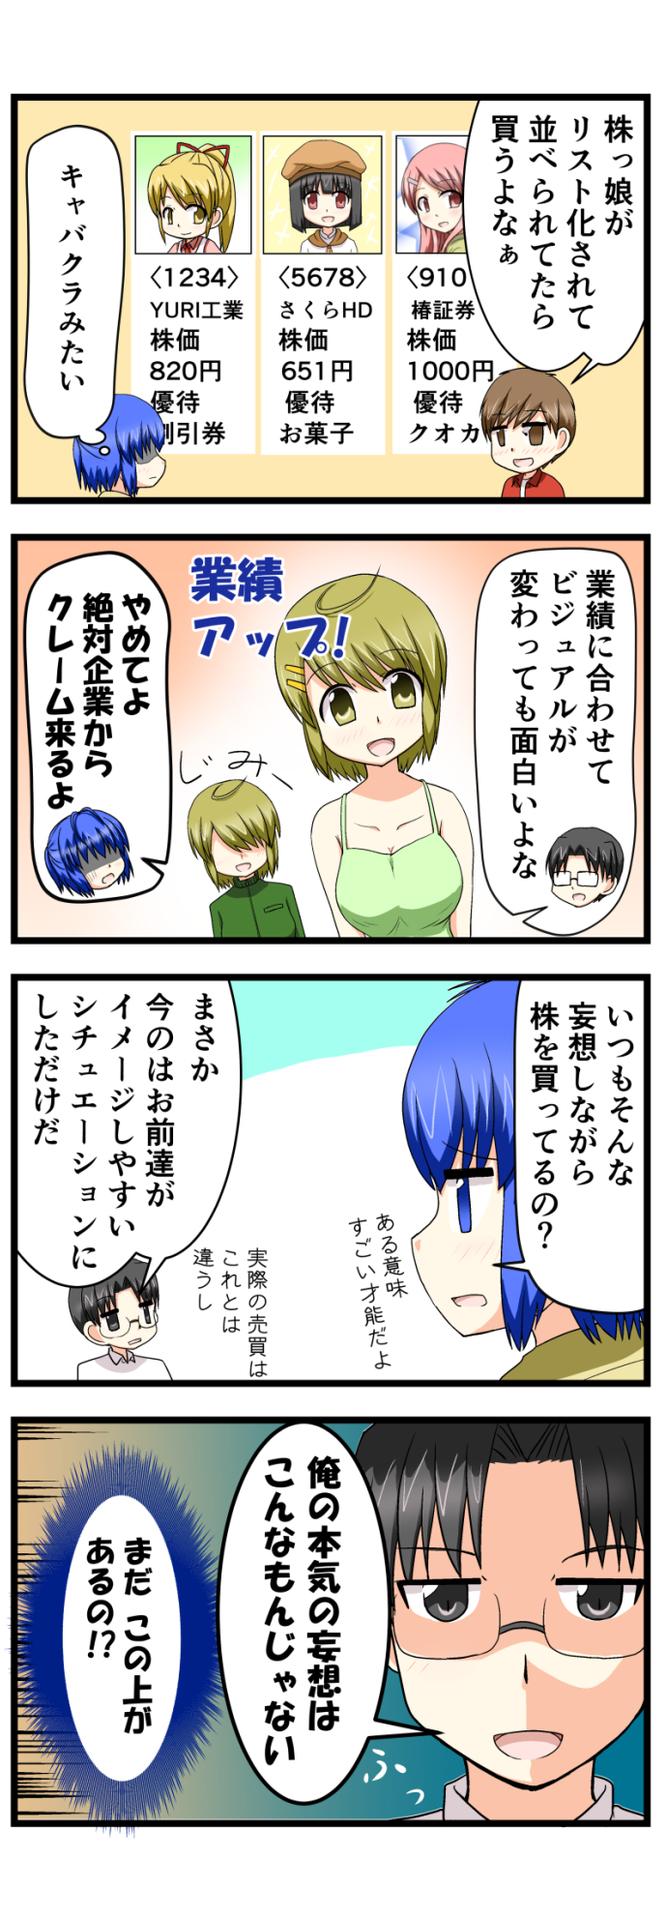 萌える株セミナー17c.jpg